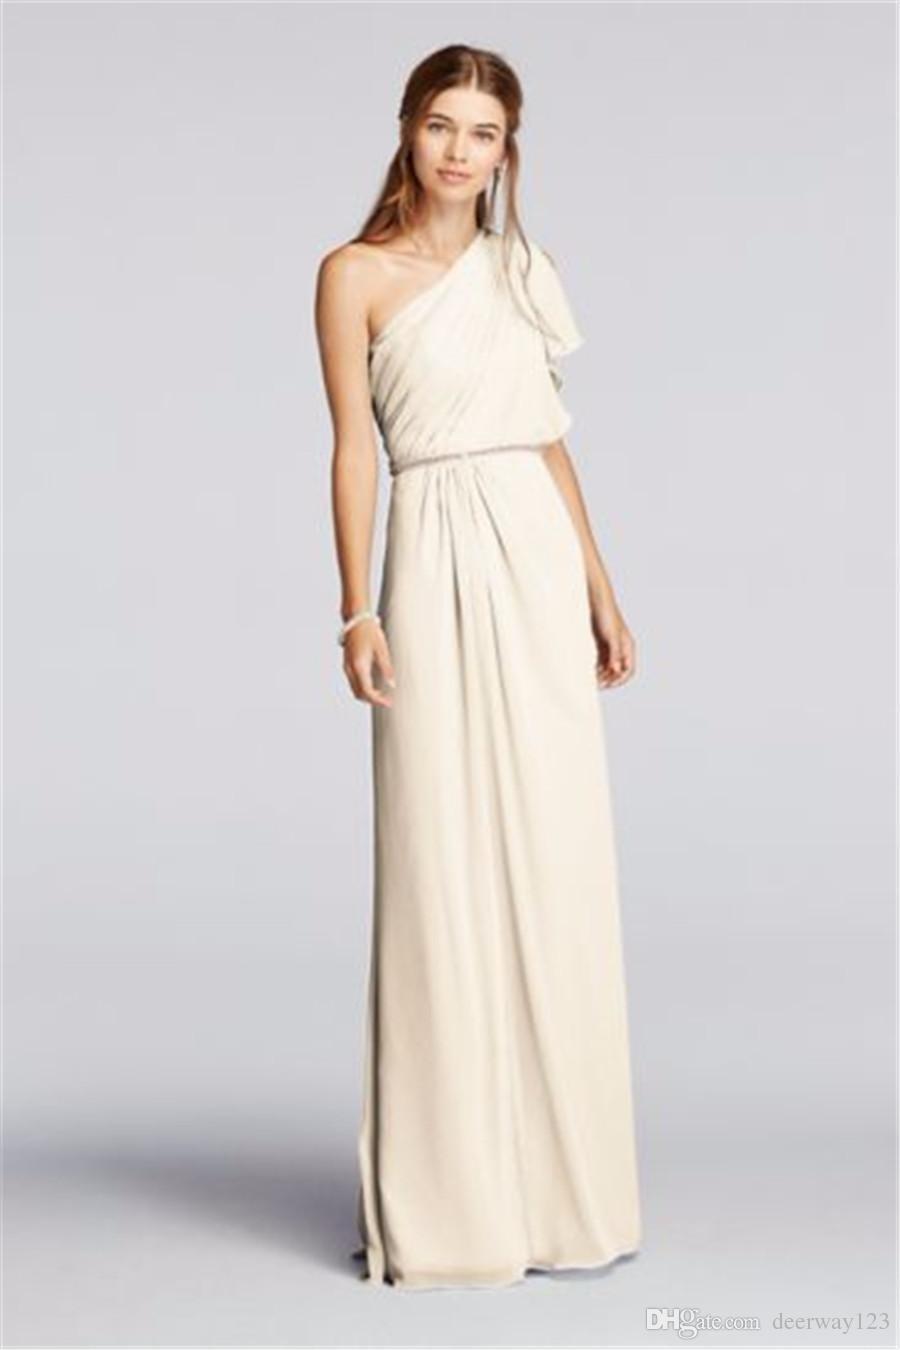 20 Perfekt Abendkleider Für Hochzeit Bester PreisFormal Fantastisch Abendkleider Für Hochzeit für 2019